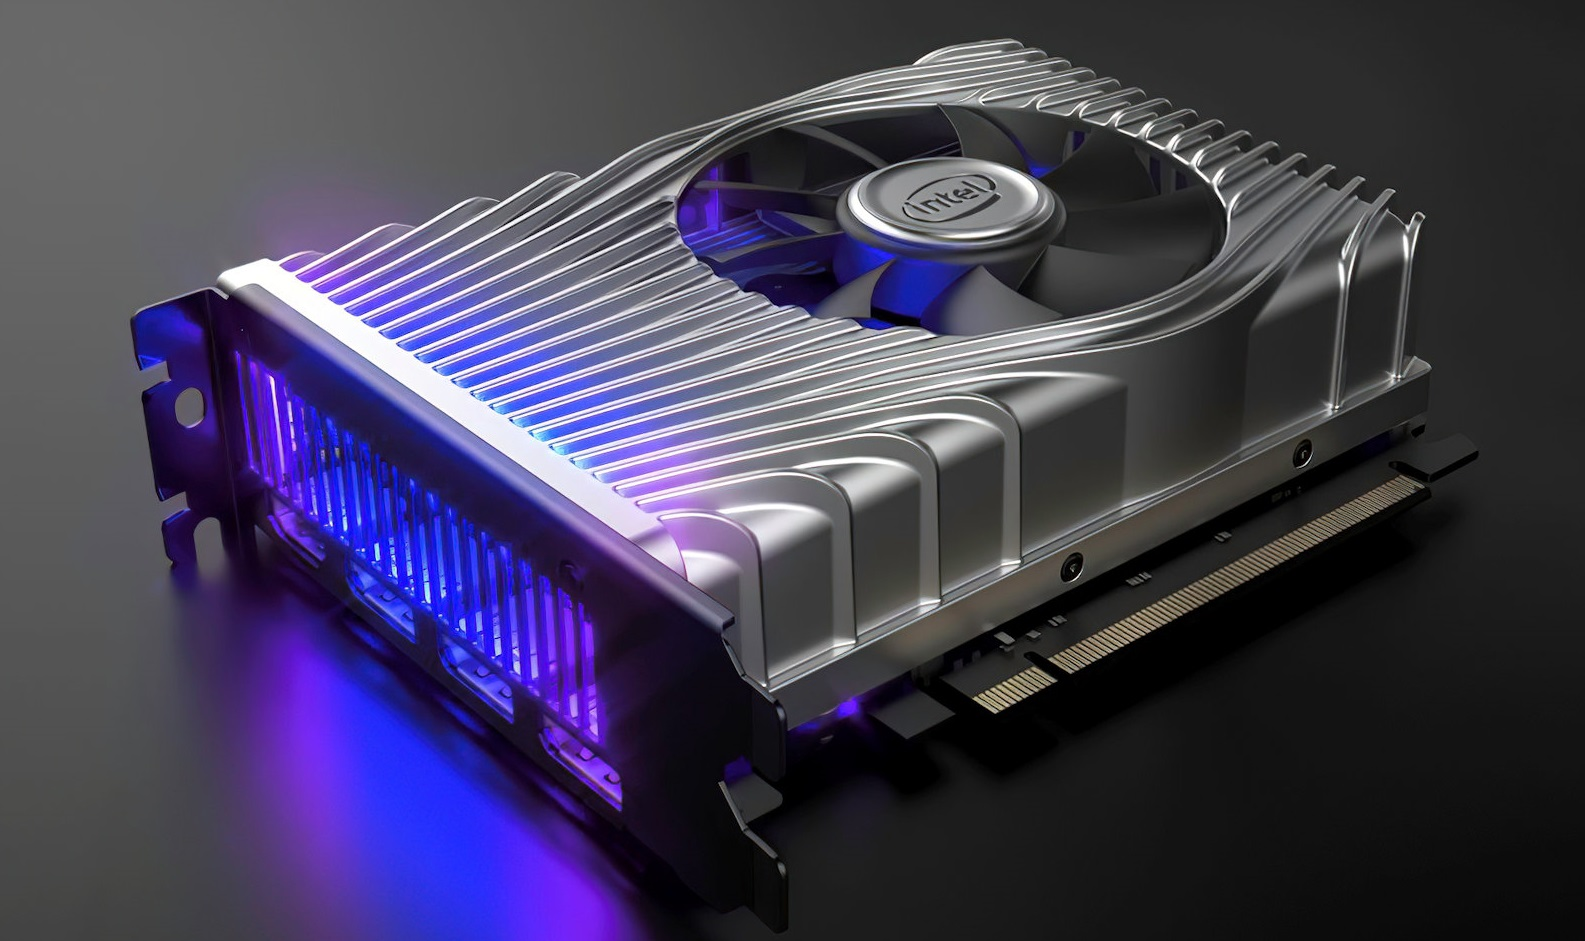 Los Intel Graphics Driver 27.20.100.9316 llegan para seguir arreglando una gran lista de problemas